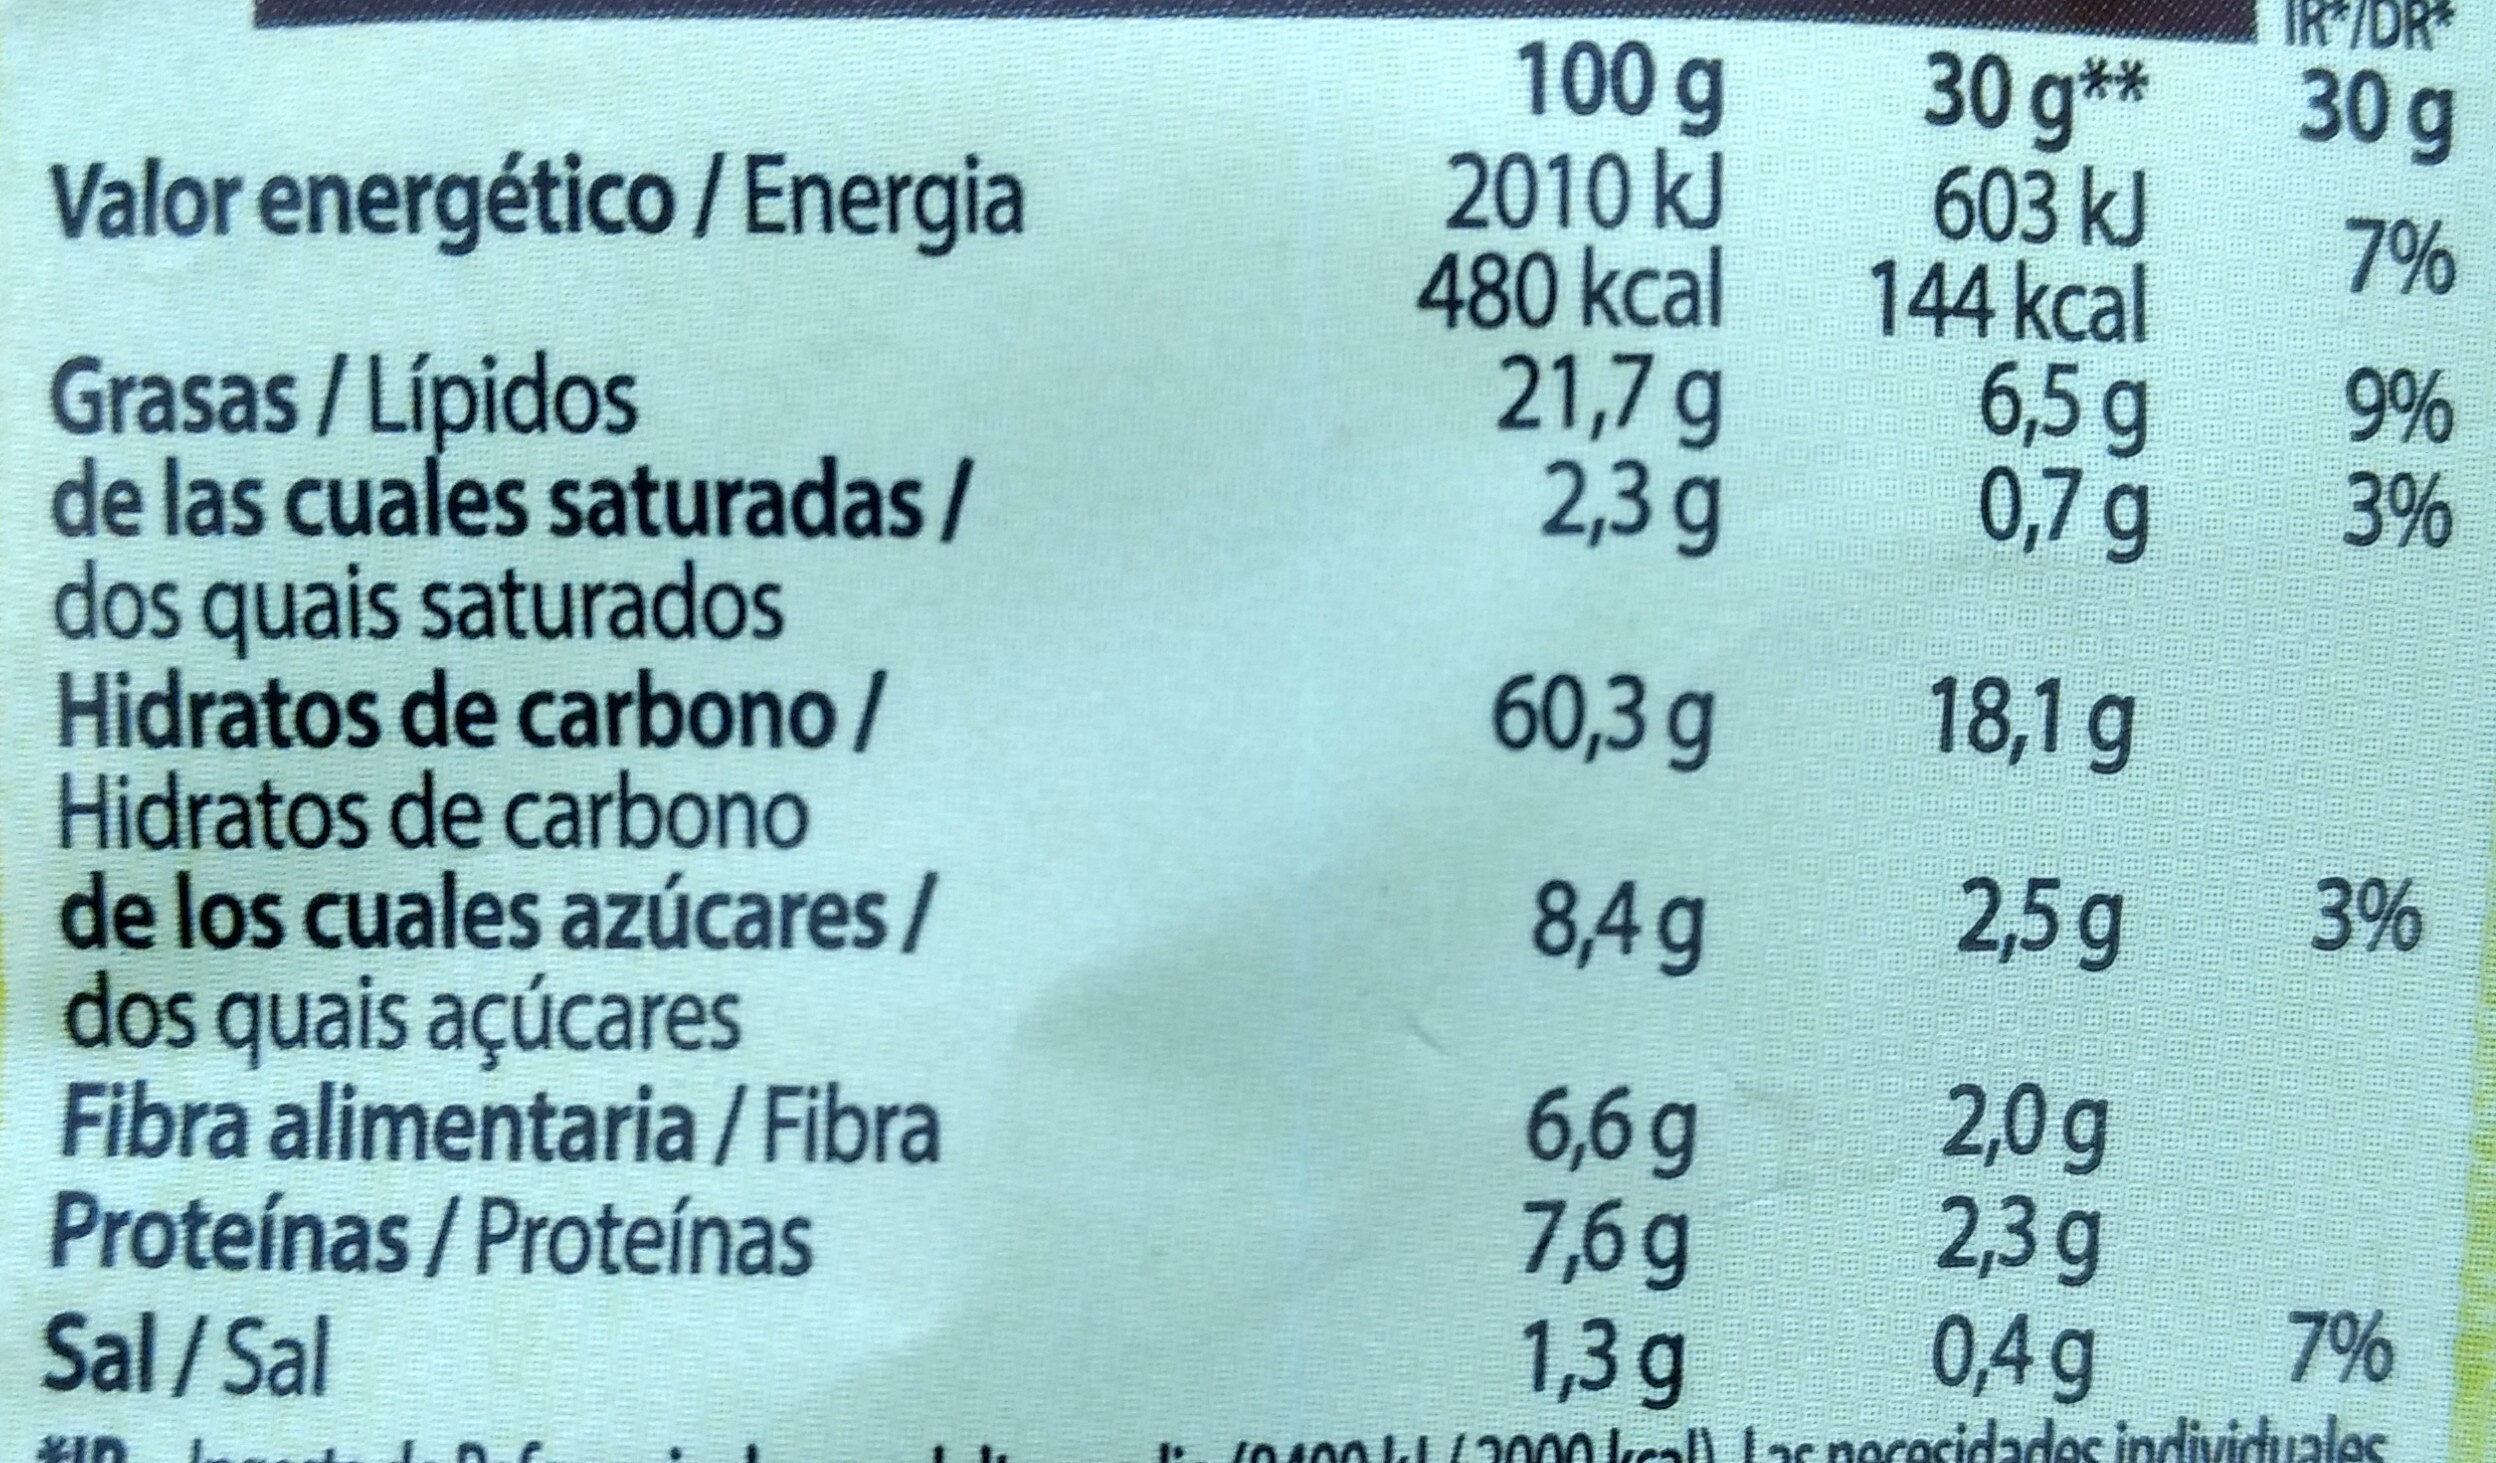 Snack ondulados de multicereales con sabor a sour cream - Nutrition facts